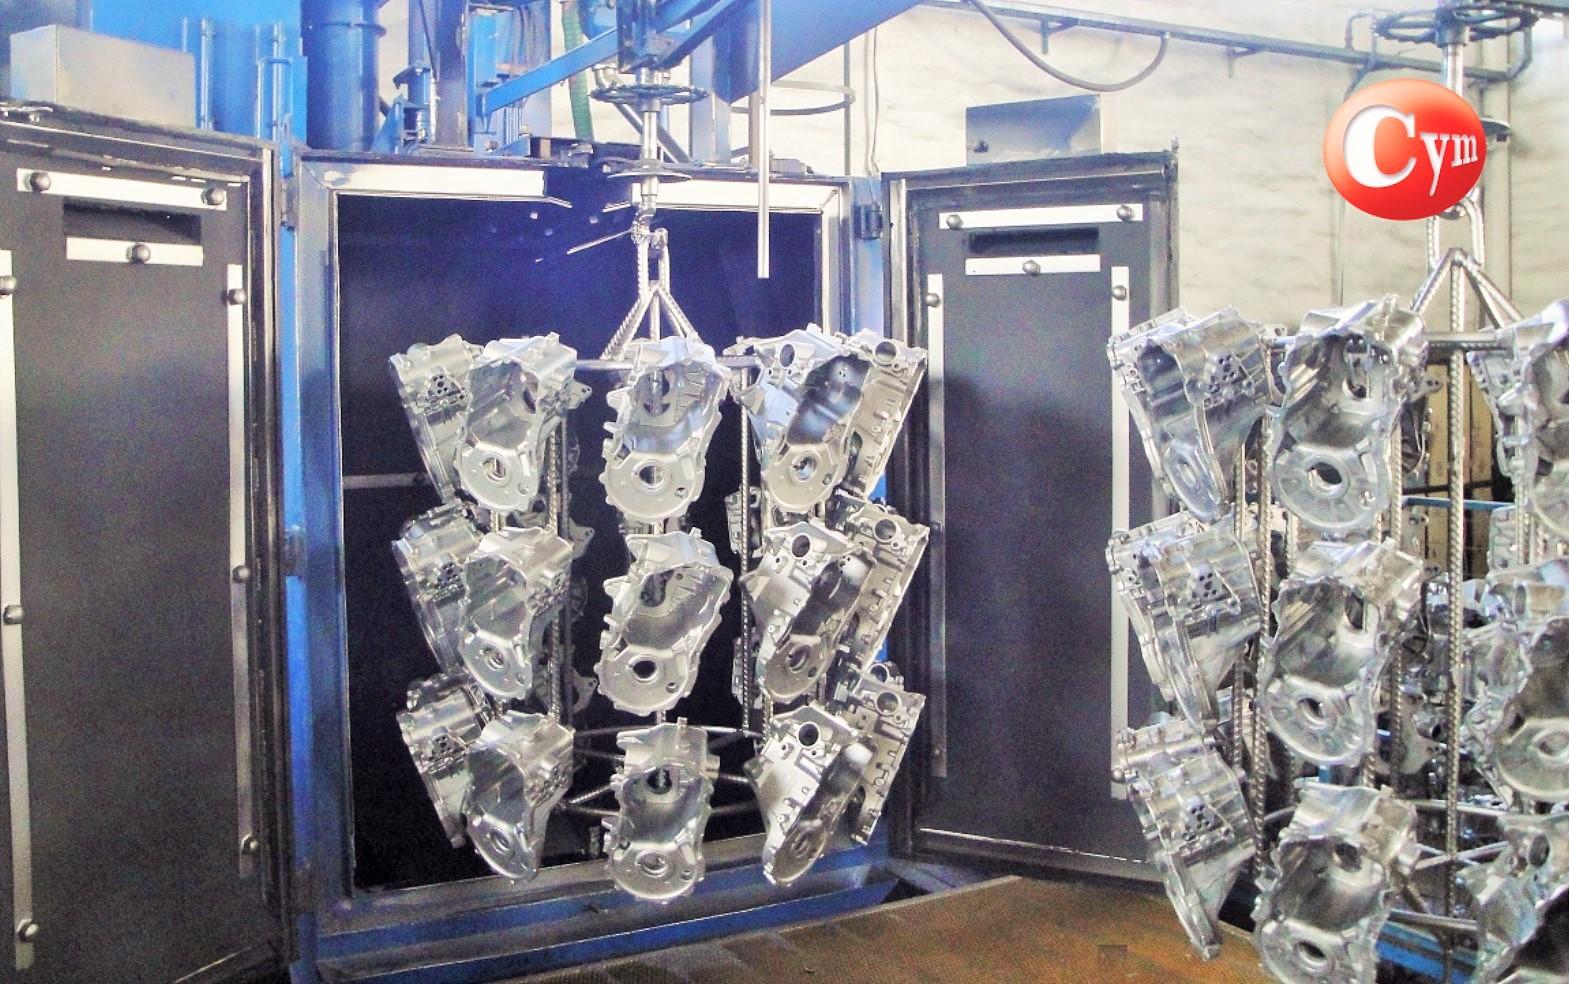 granalladora-de-gancho-cab-14x16-fundicion-aluminio-cym